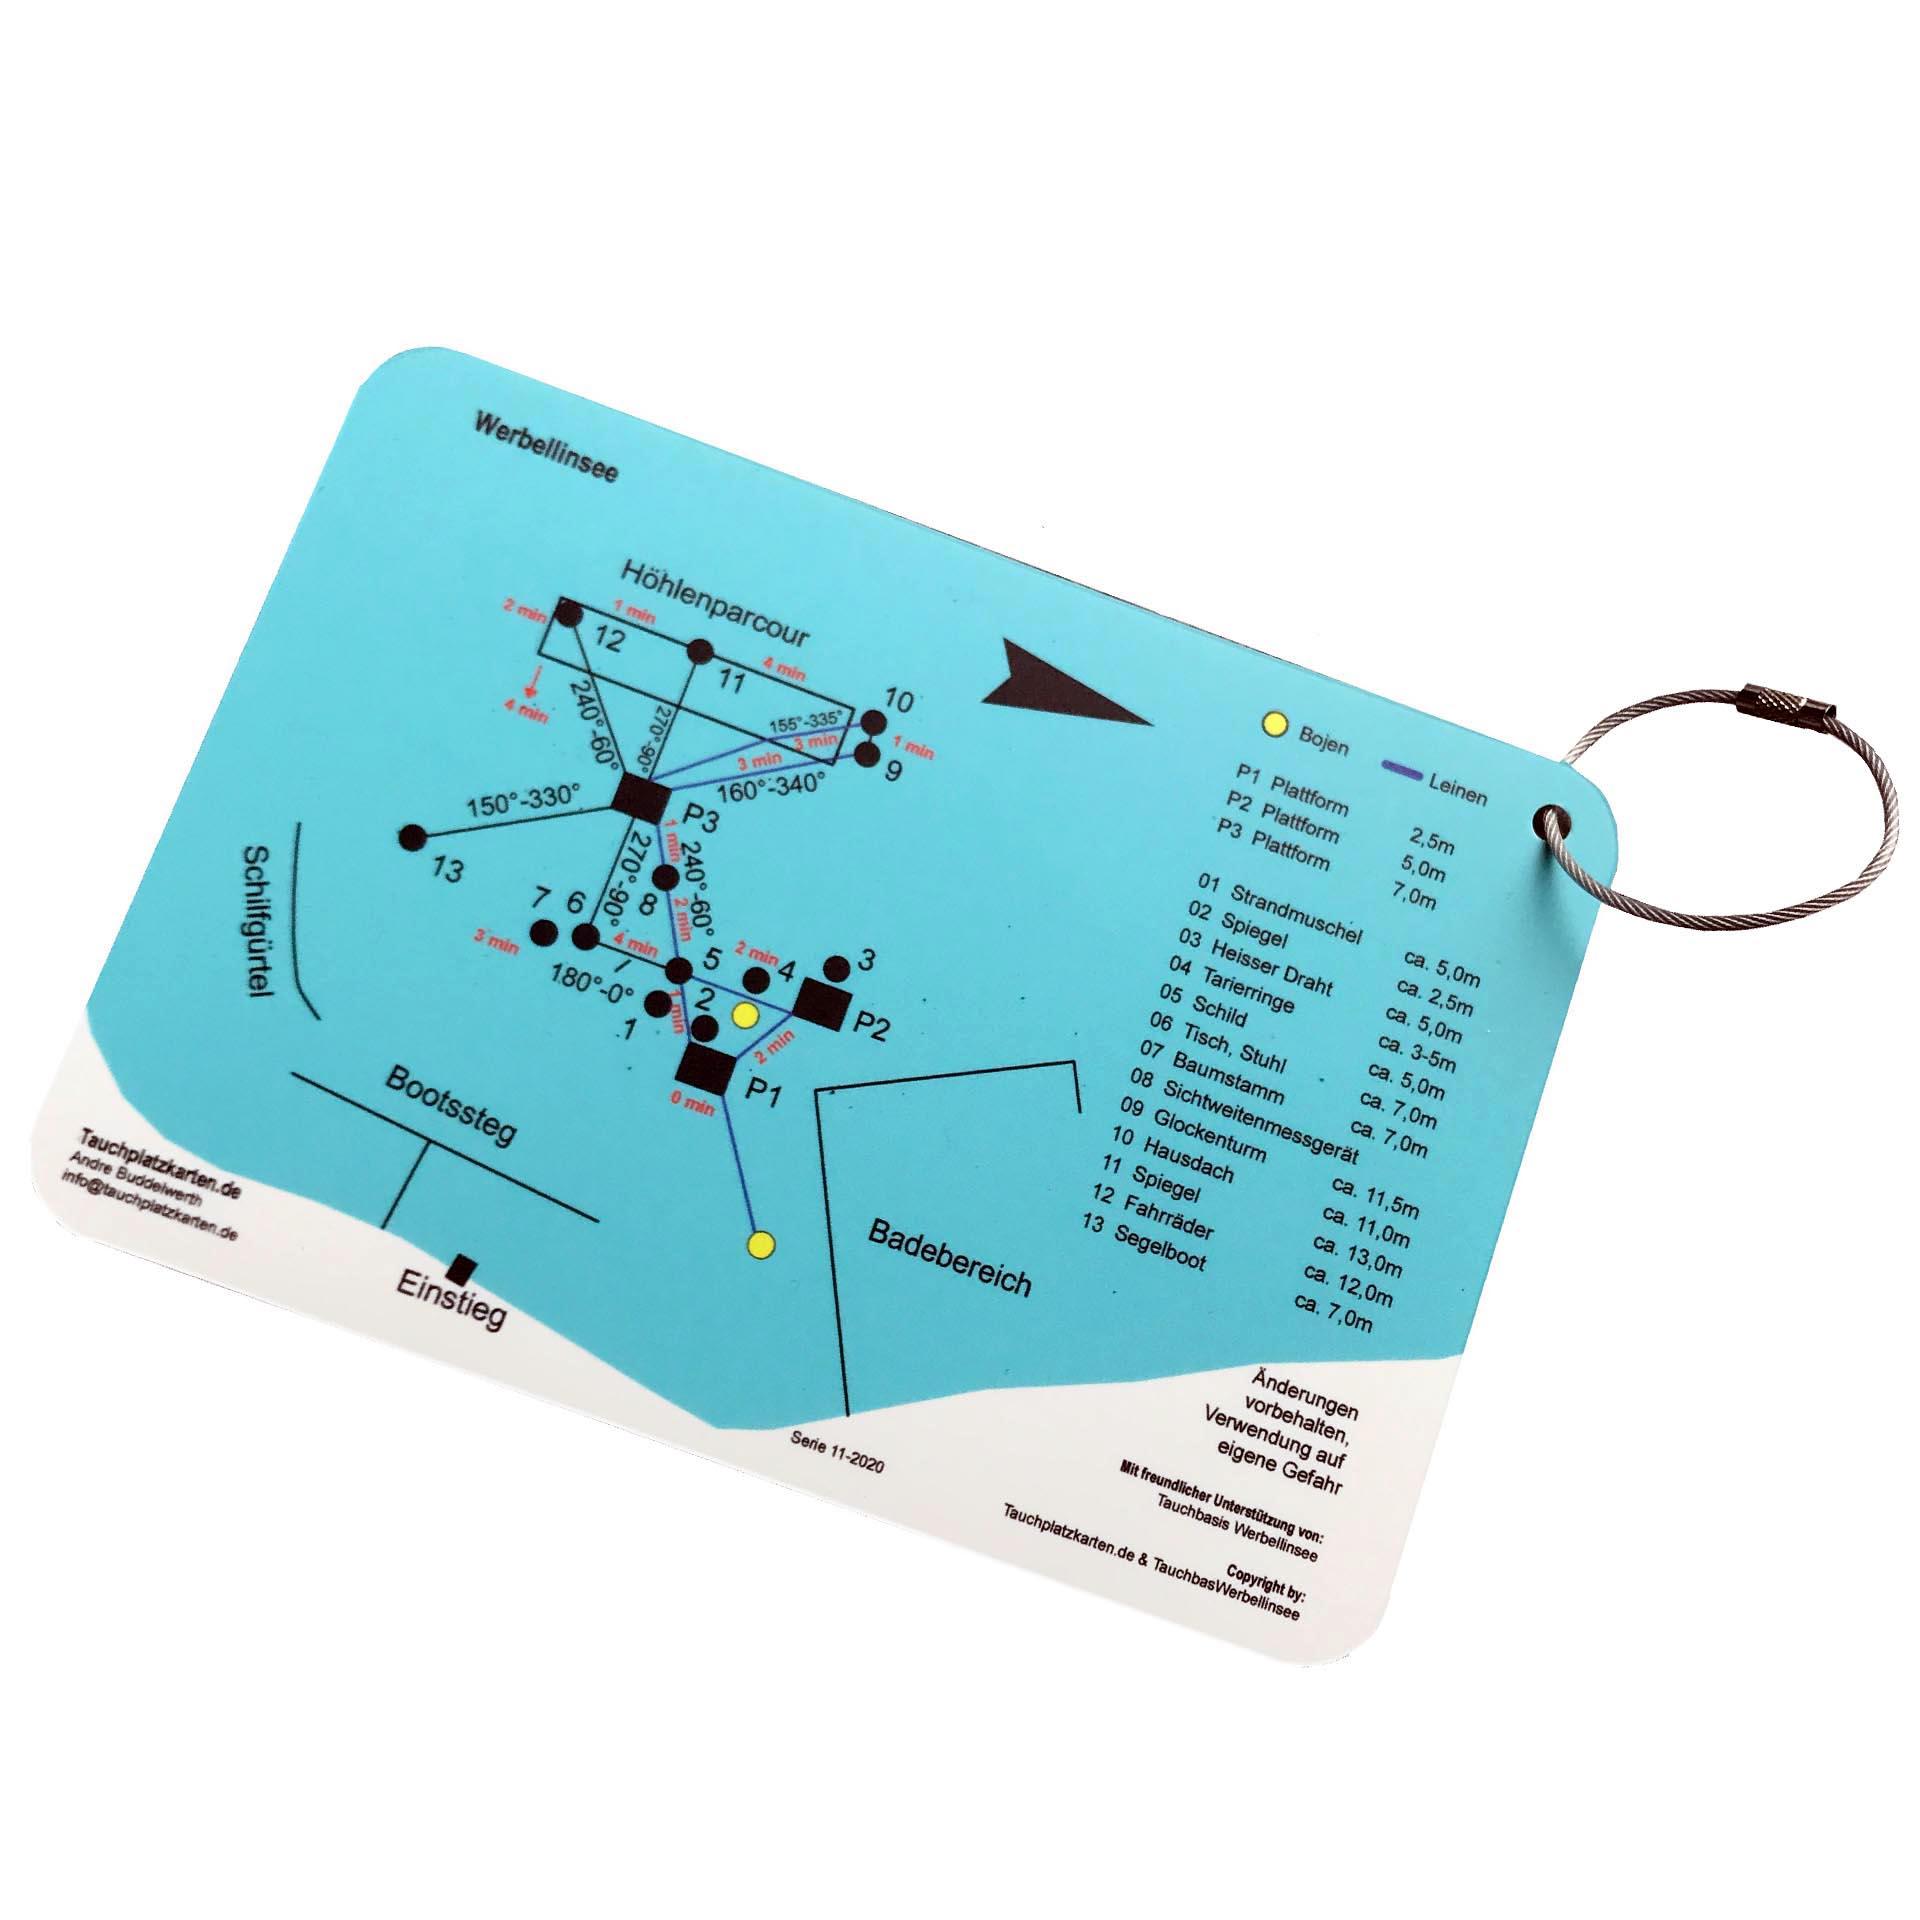 """Tauchplatzkarte """"Werbellinsee"""""""